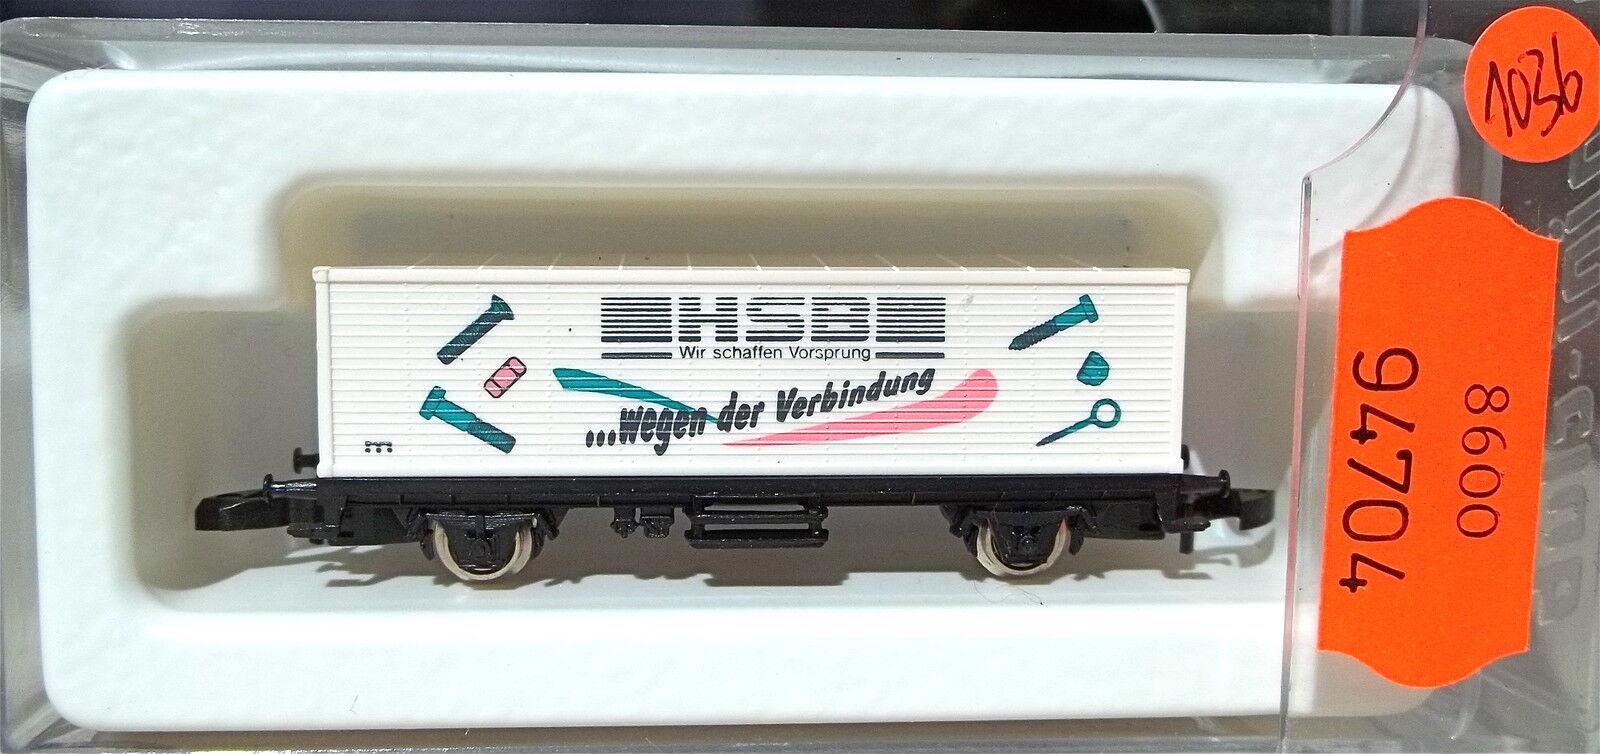 HSB container Carrello partire 92   8615 Z 1:220 1036 å